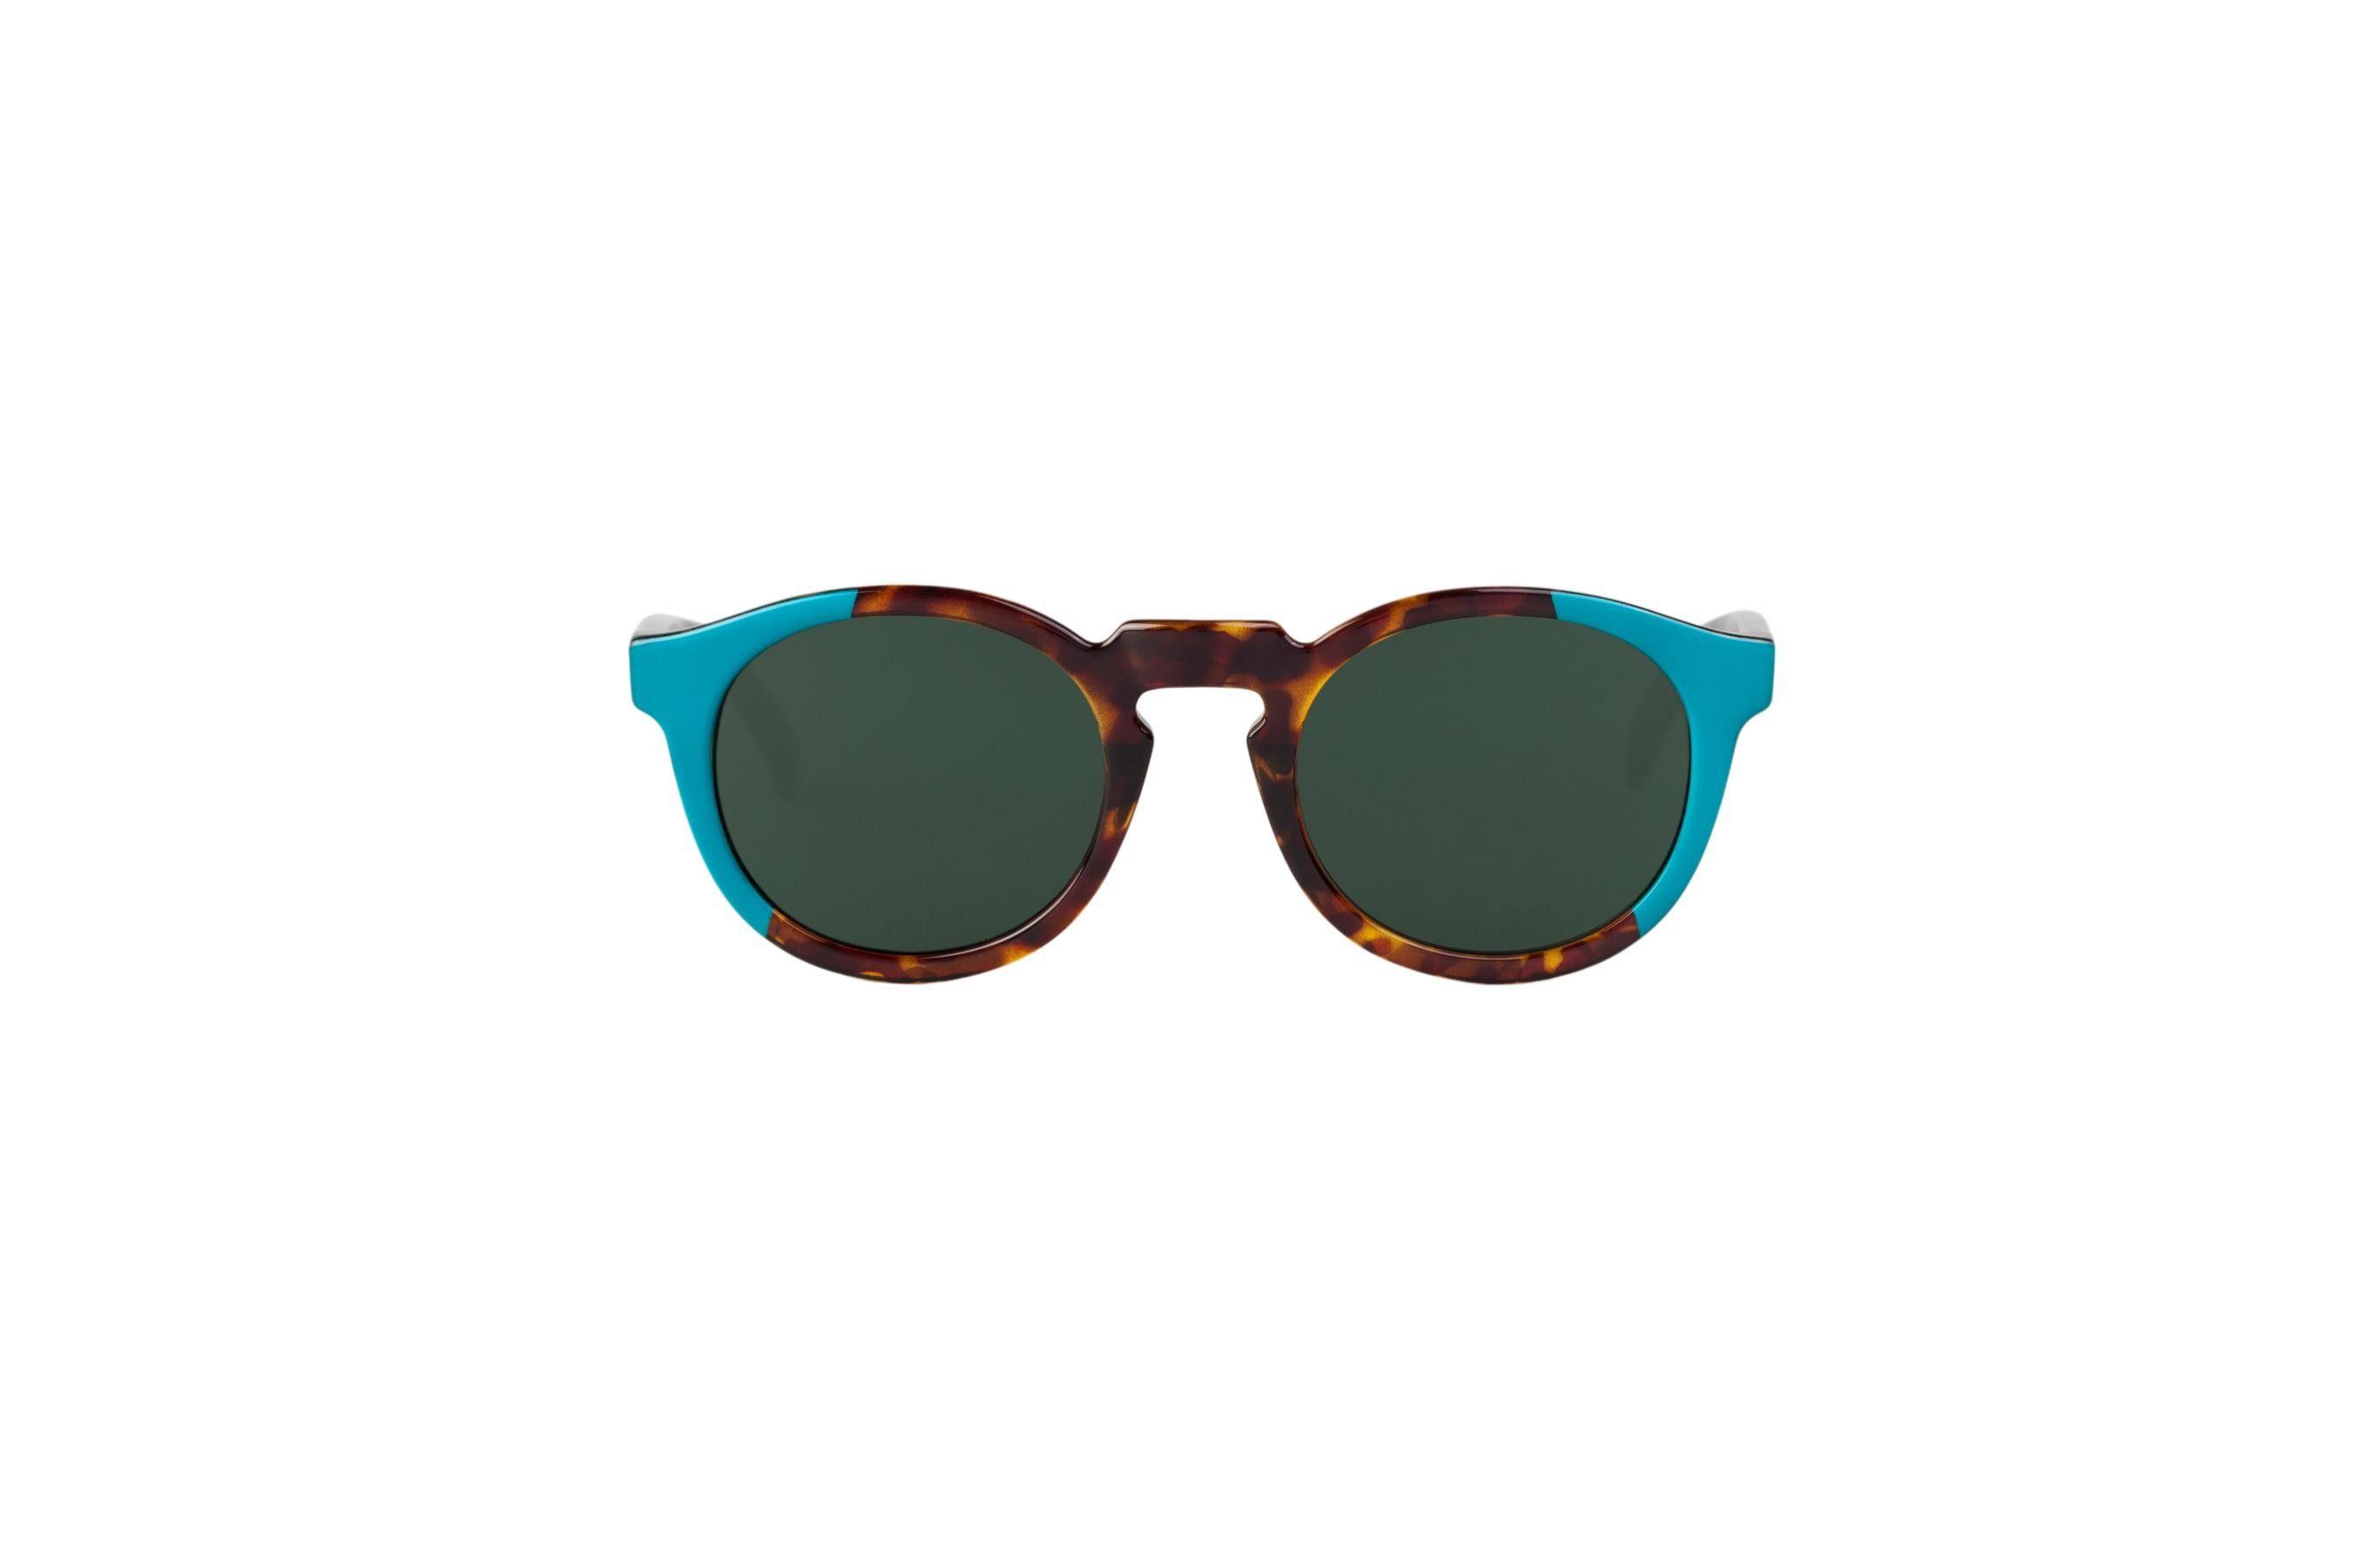 Mr. Boho Sonnenbrille »Turquoise/Cheetah Tortoise Jordaan mit klassischen«